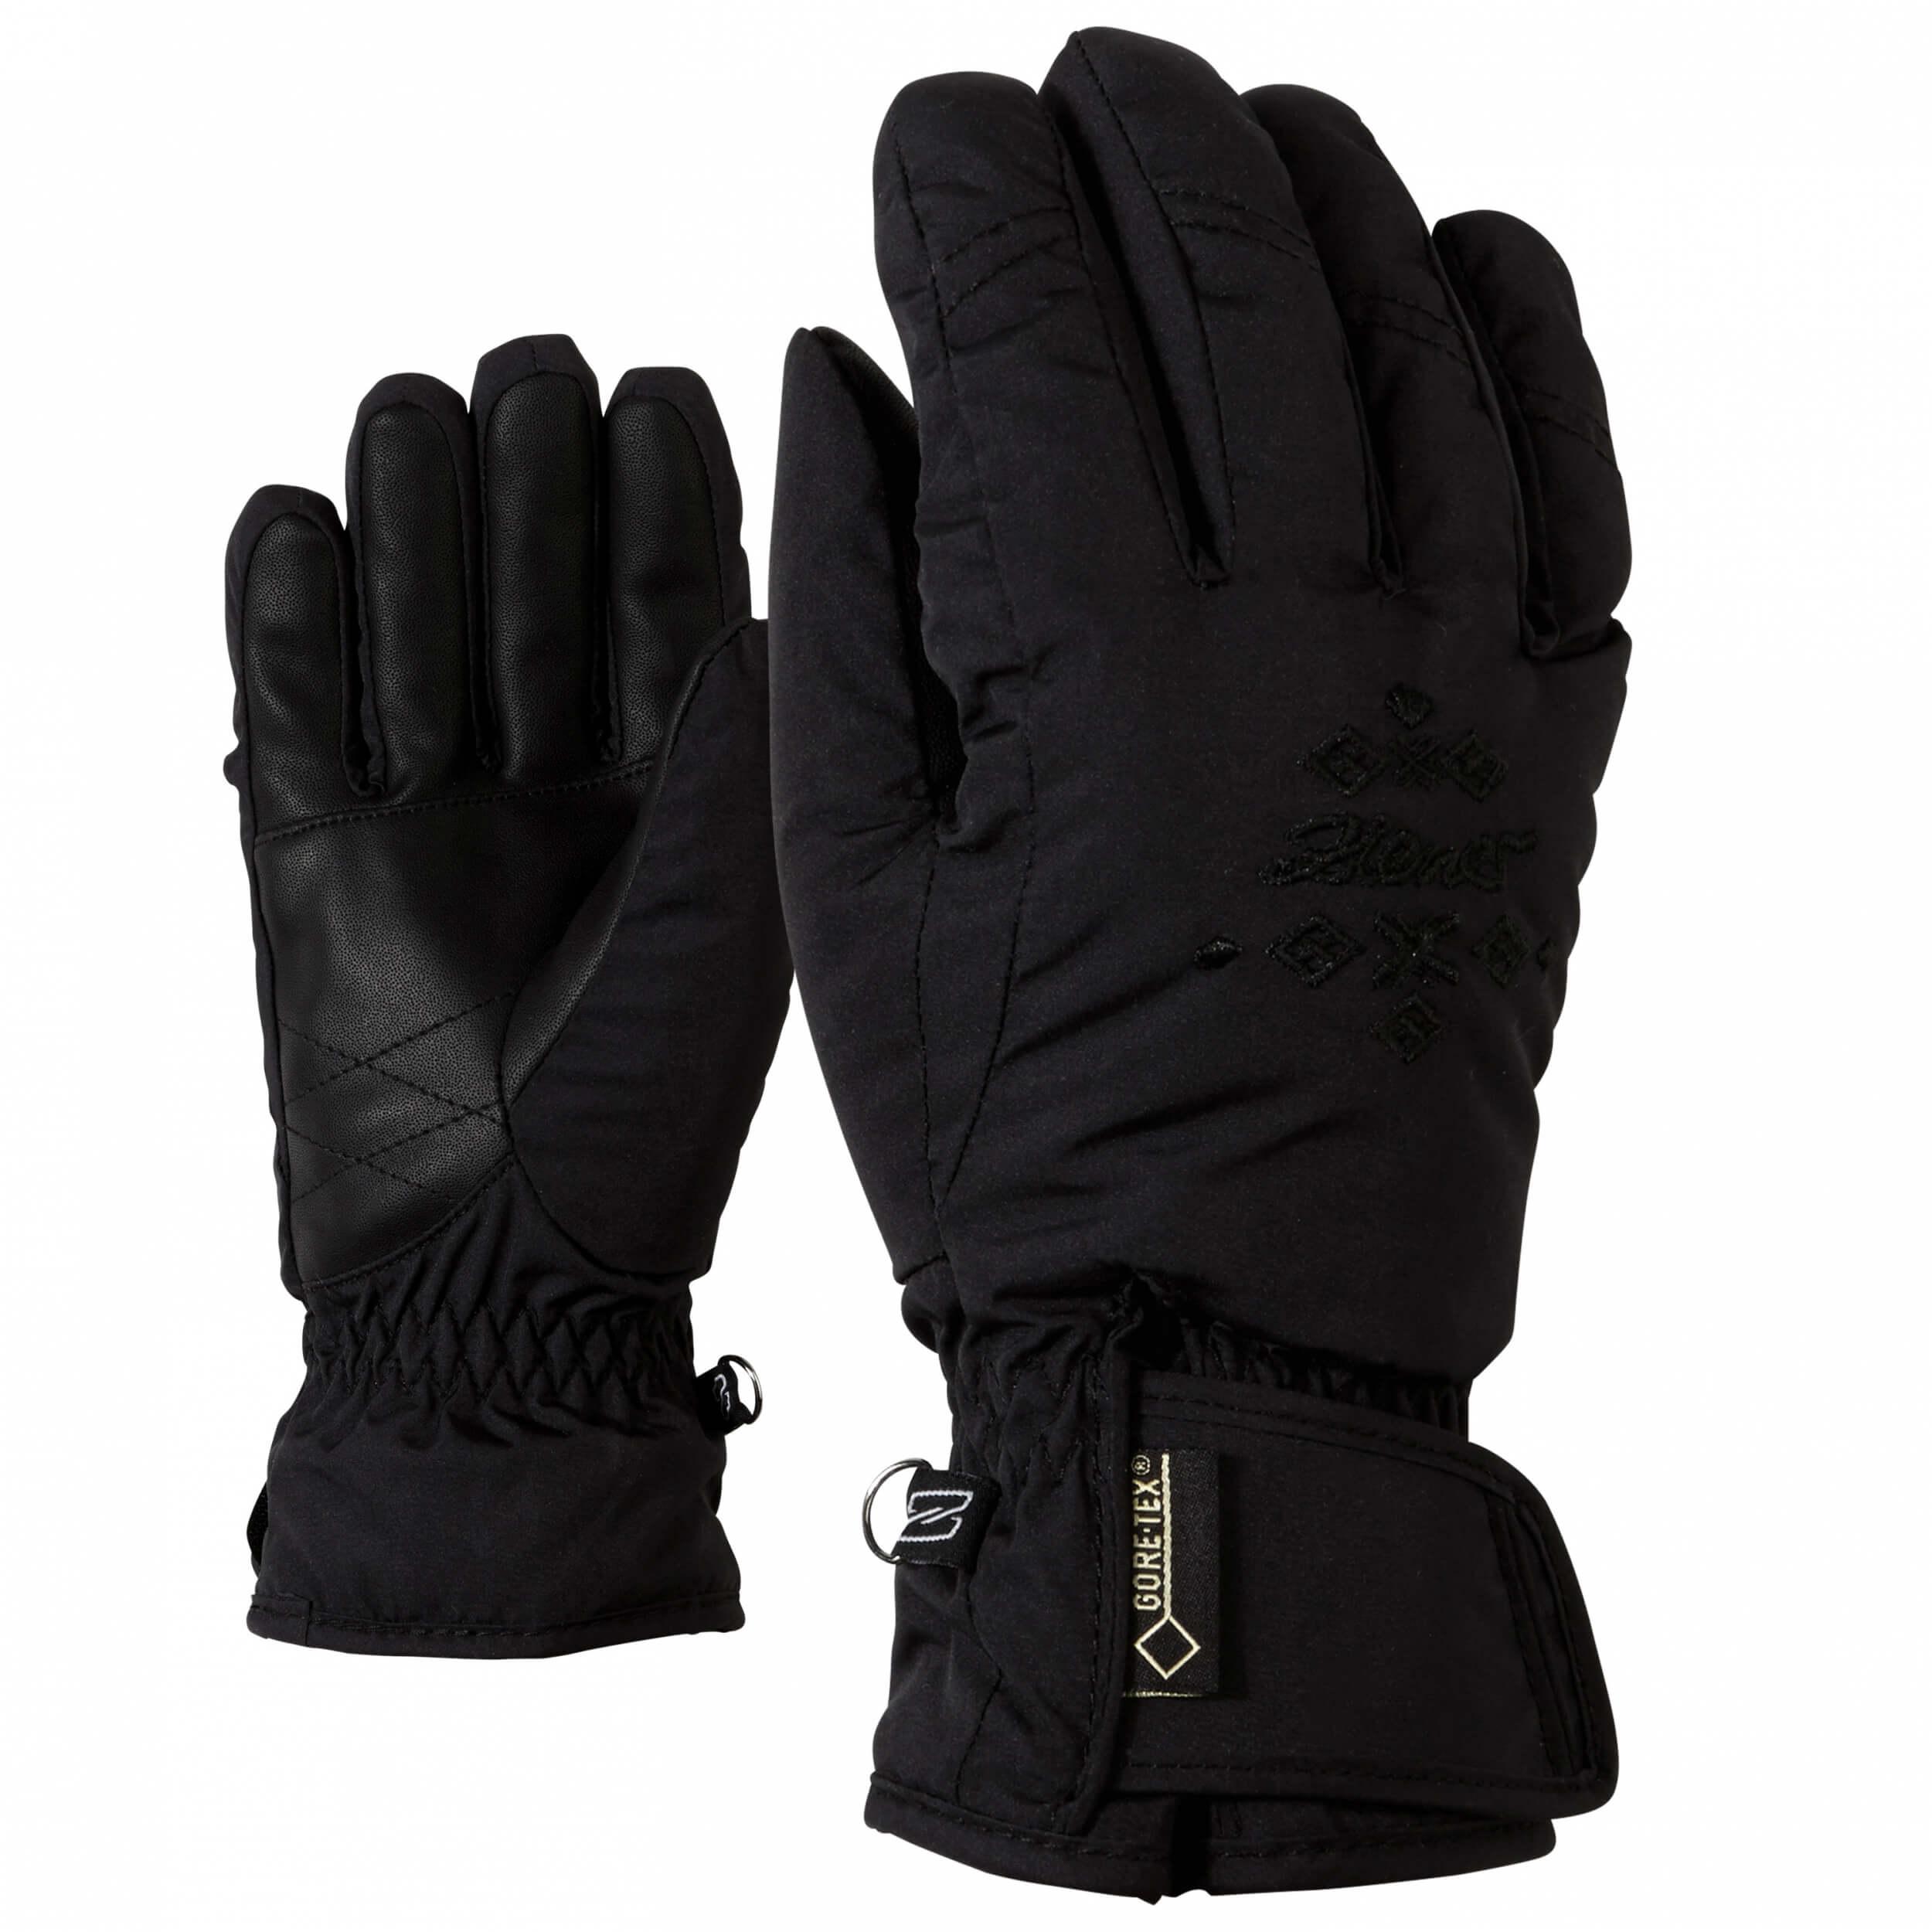 ZIENER Damen Ski Handschuhe Kwinta 12 schwarz